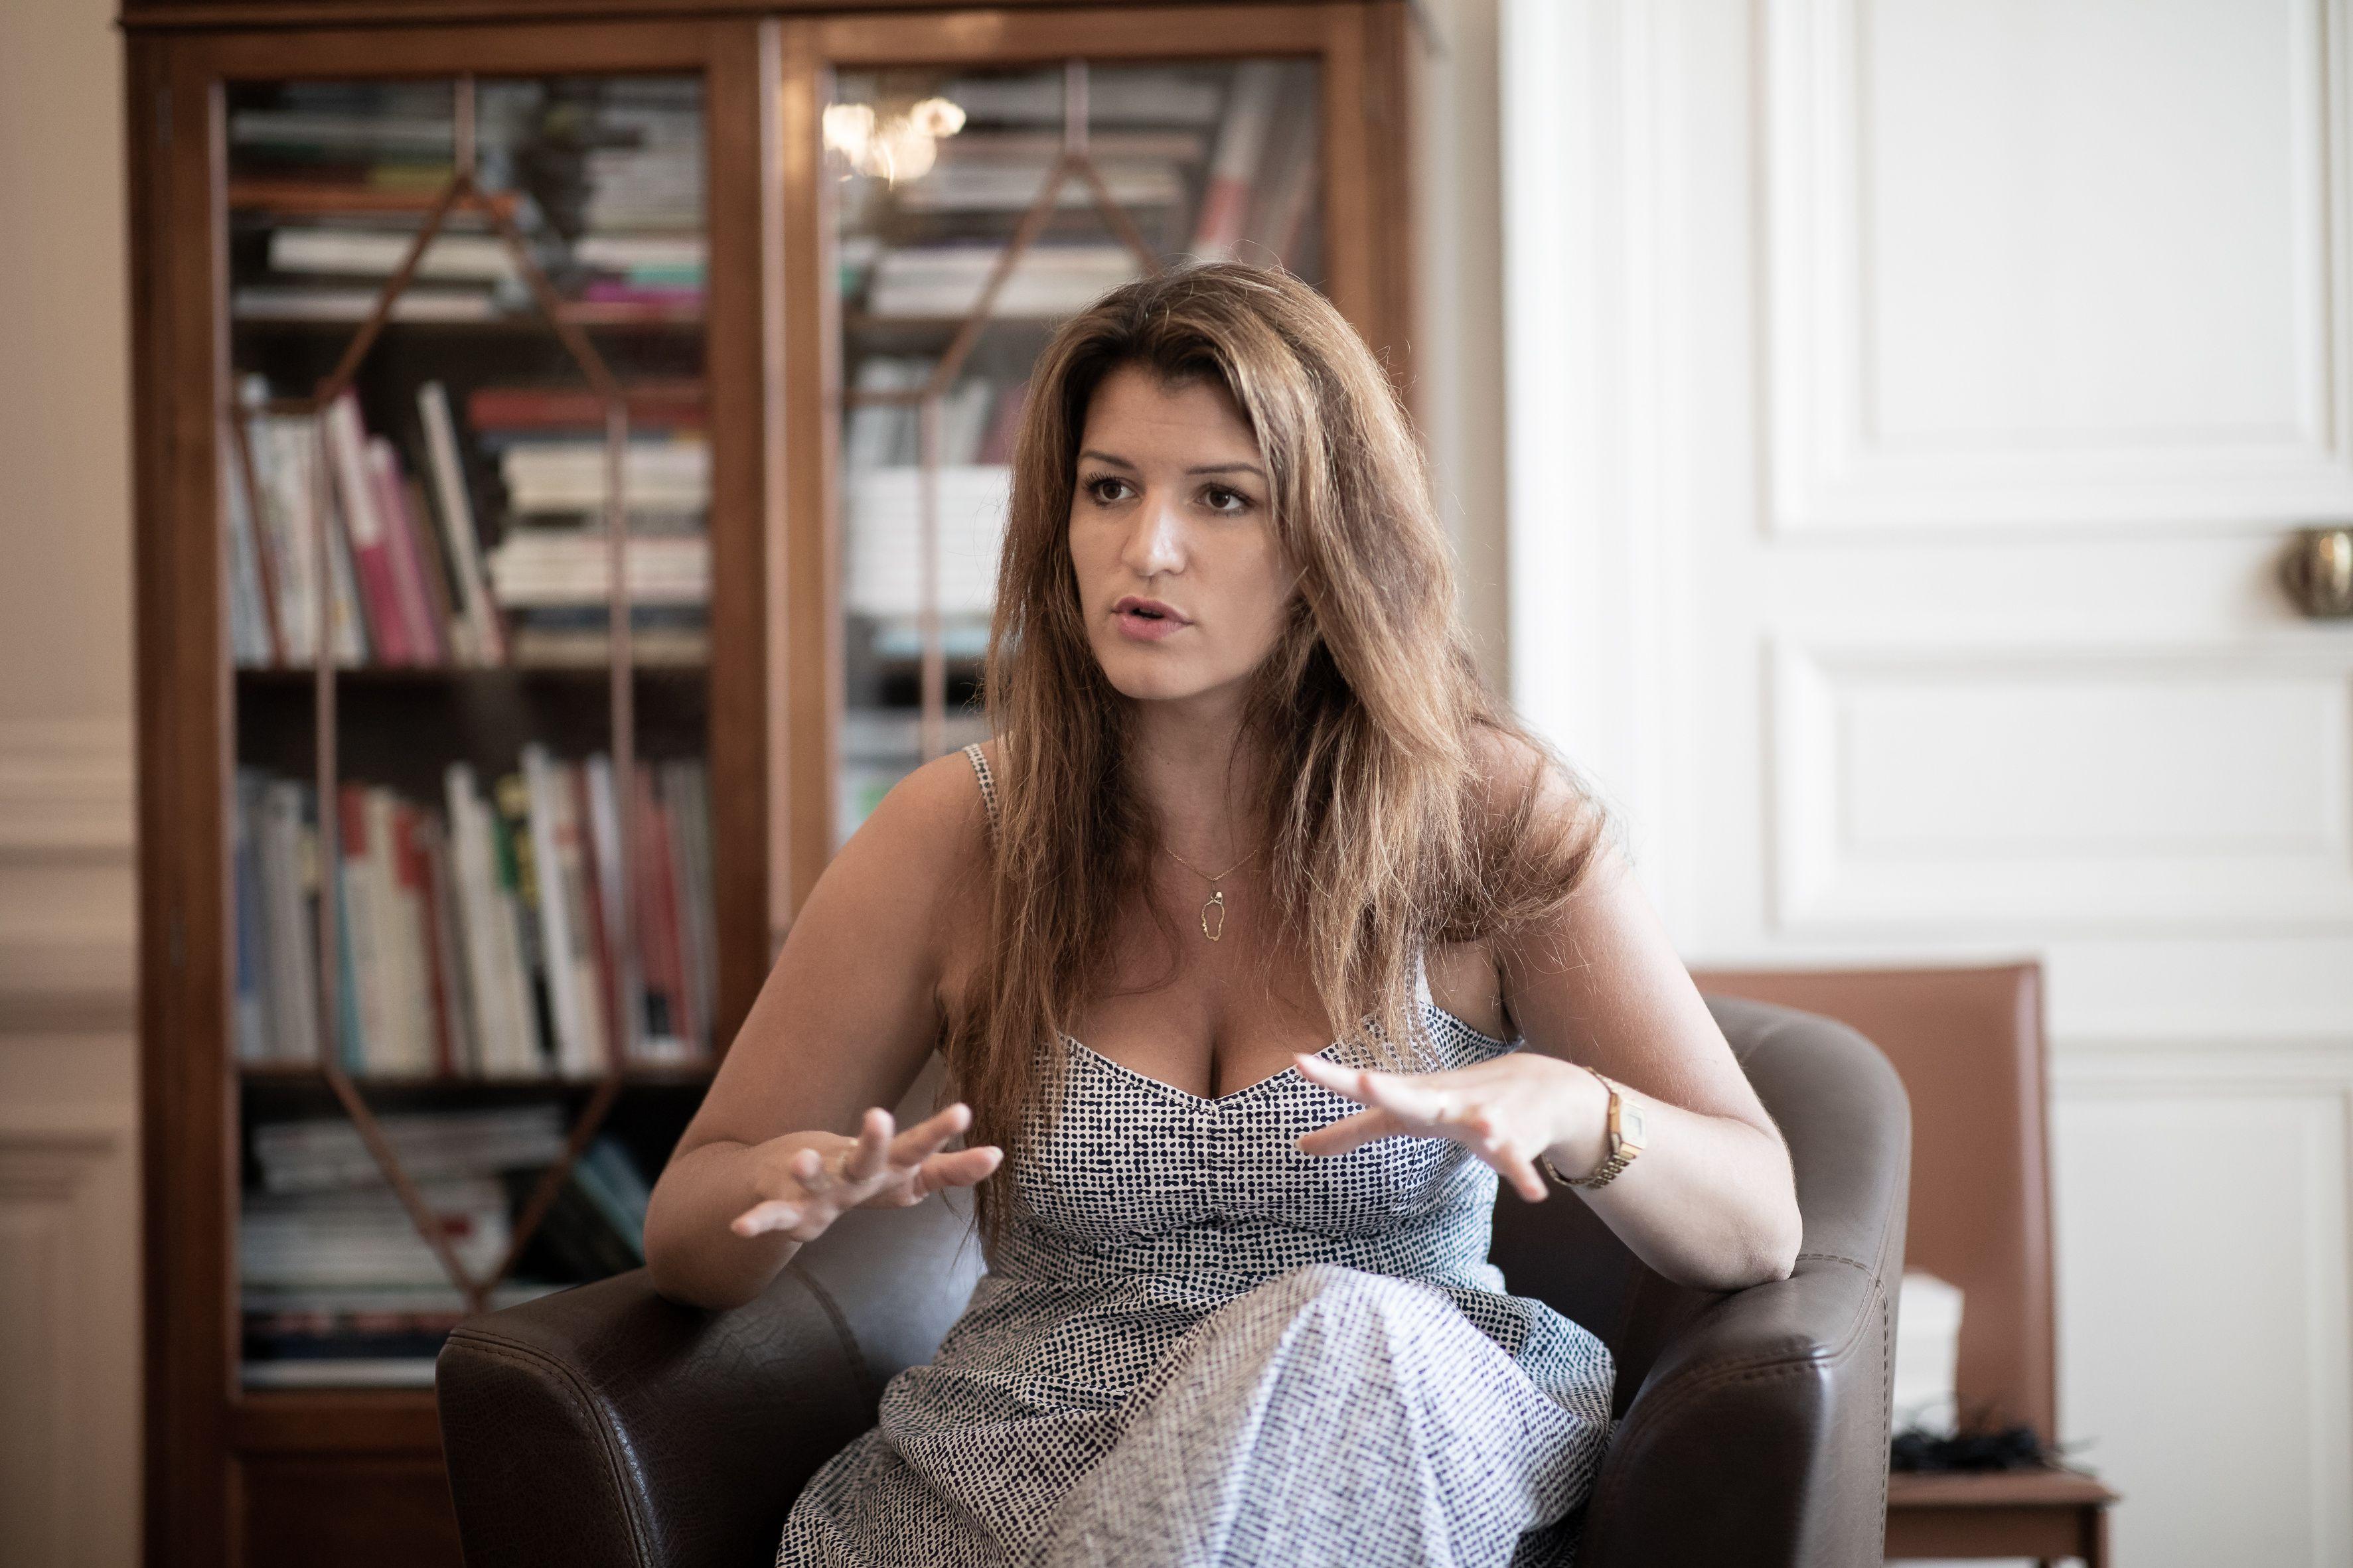 Marlene Schiappa, secretaire d'Etat chargee de l'egalite femmes-hommes, dans sons bureau rue Saint Dominique.